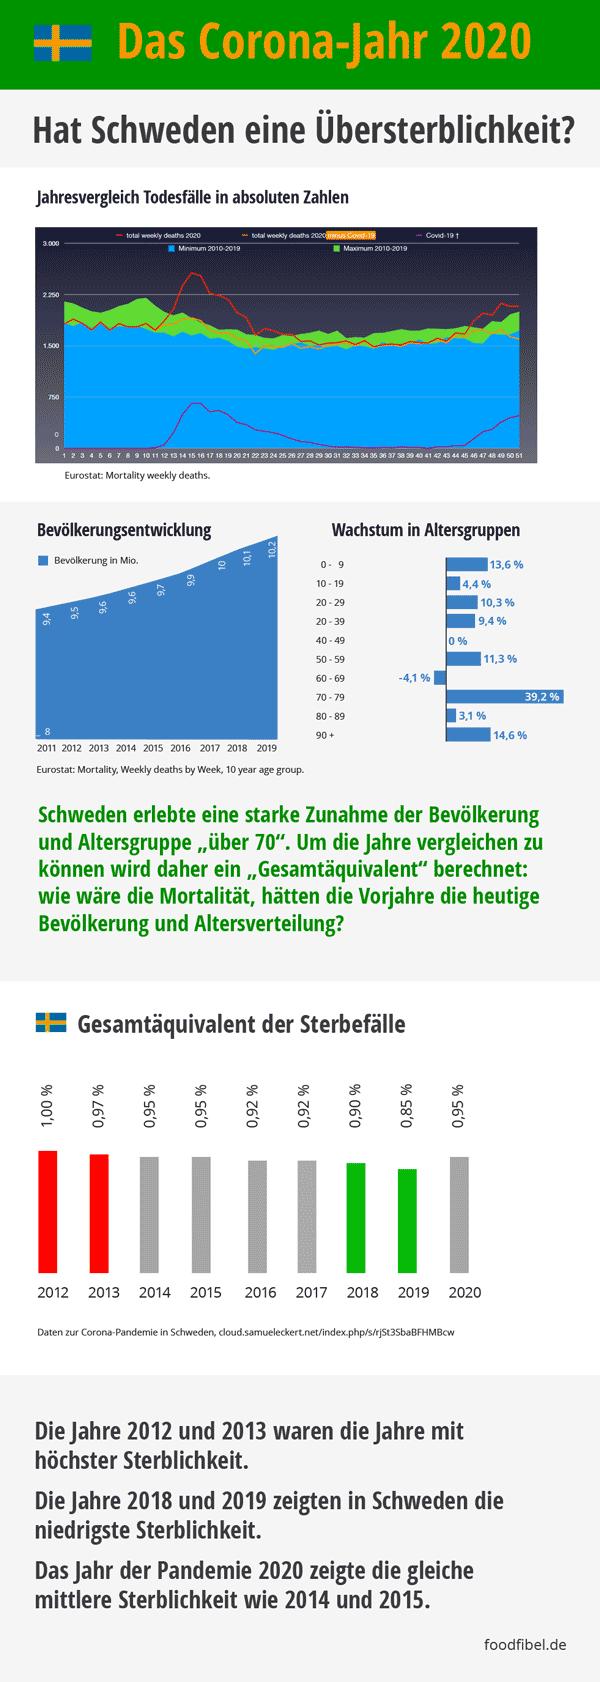 Keine Übersterblichkeit: Das Corona-Jahr 2020 in Schweden. Zahlen und Grafiken. © foodfibel.de, eigenes Werk.